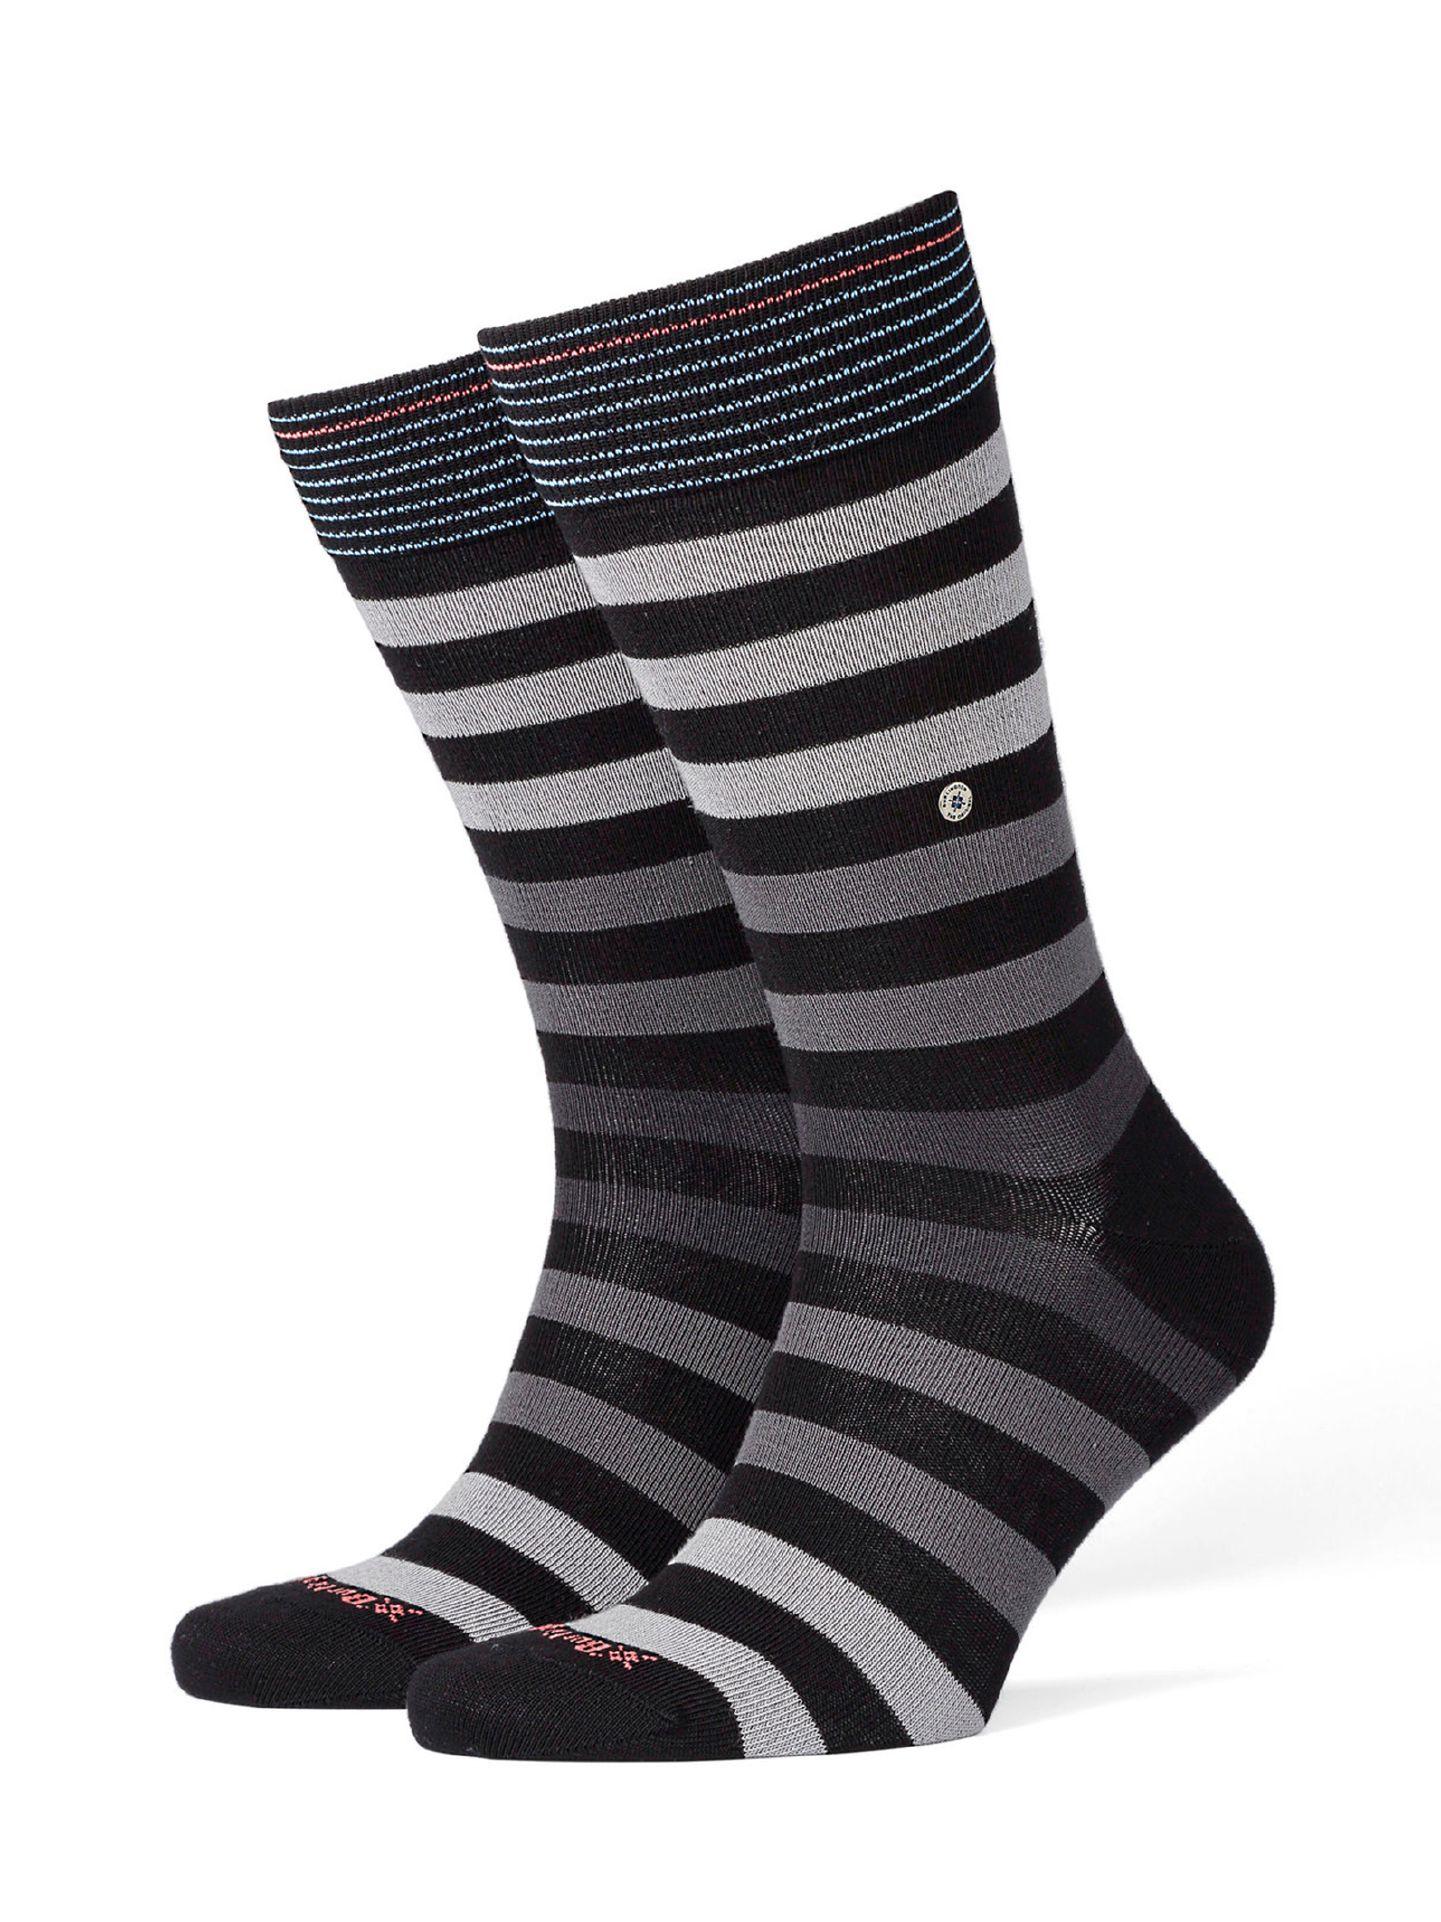 Image of Burlington Socke Black Pool